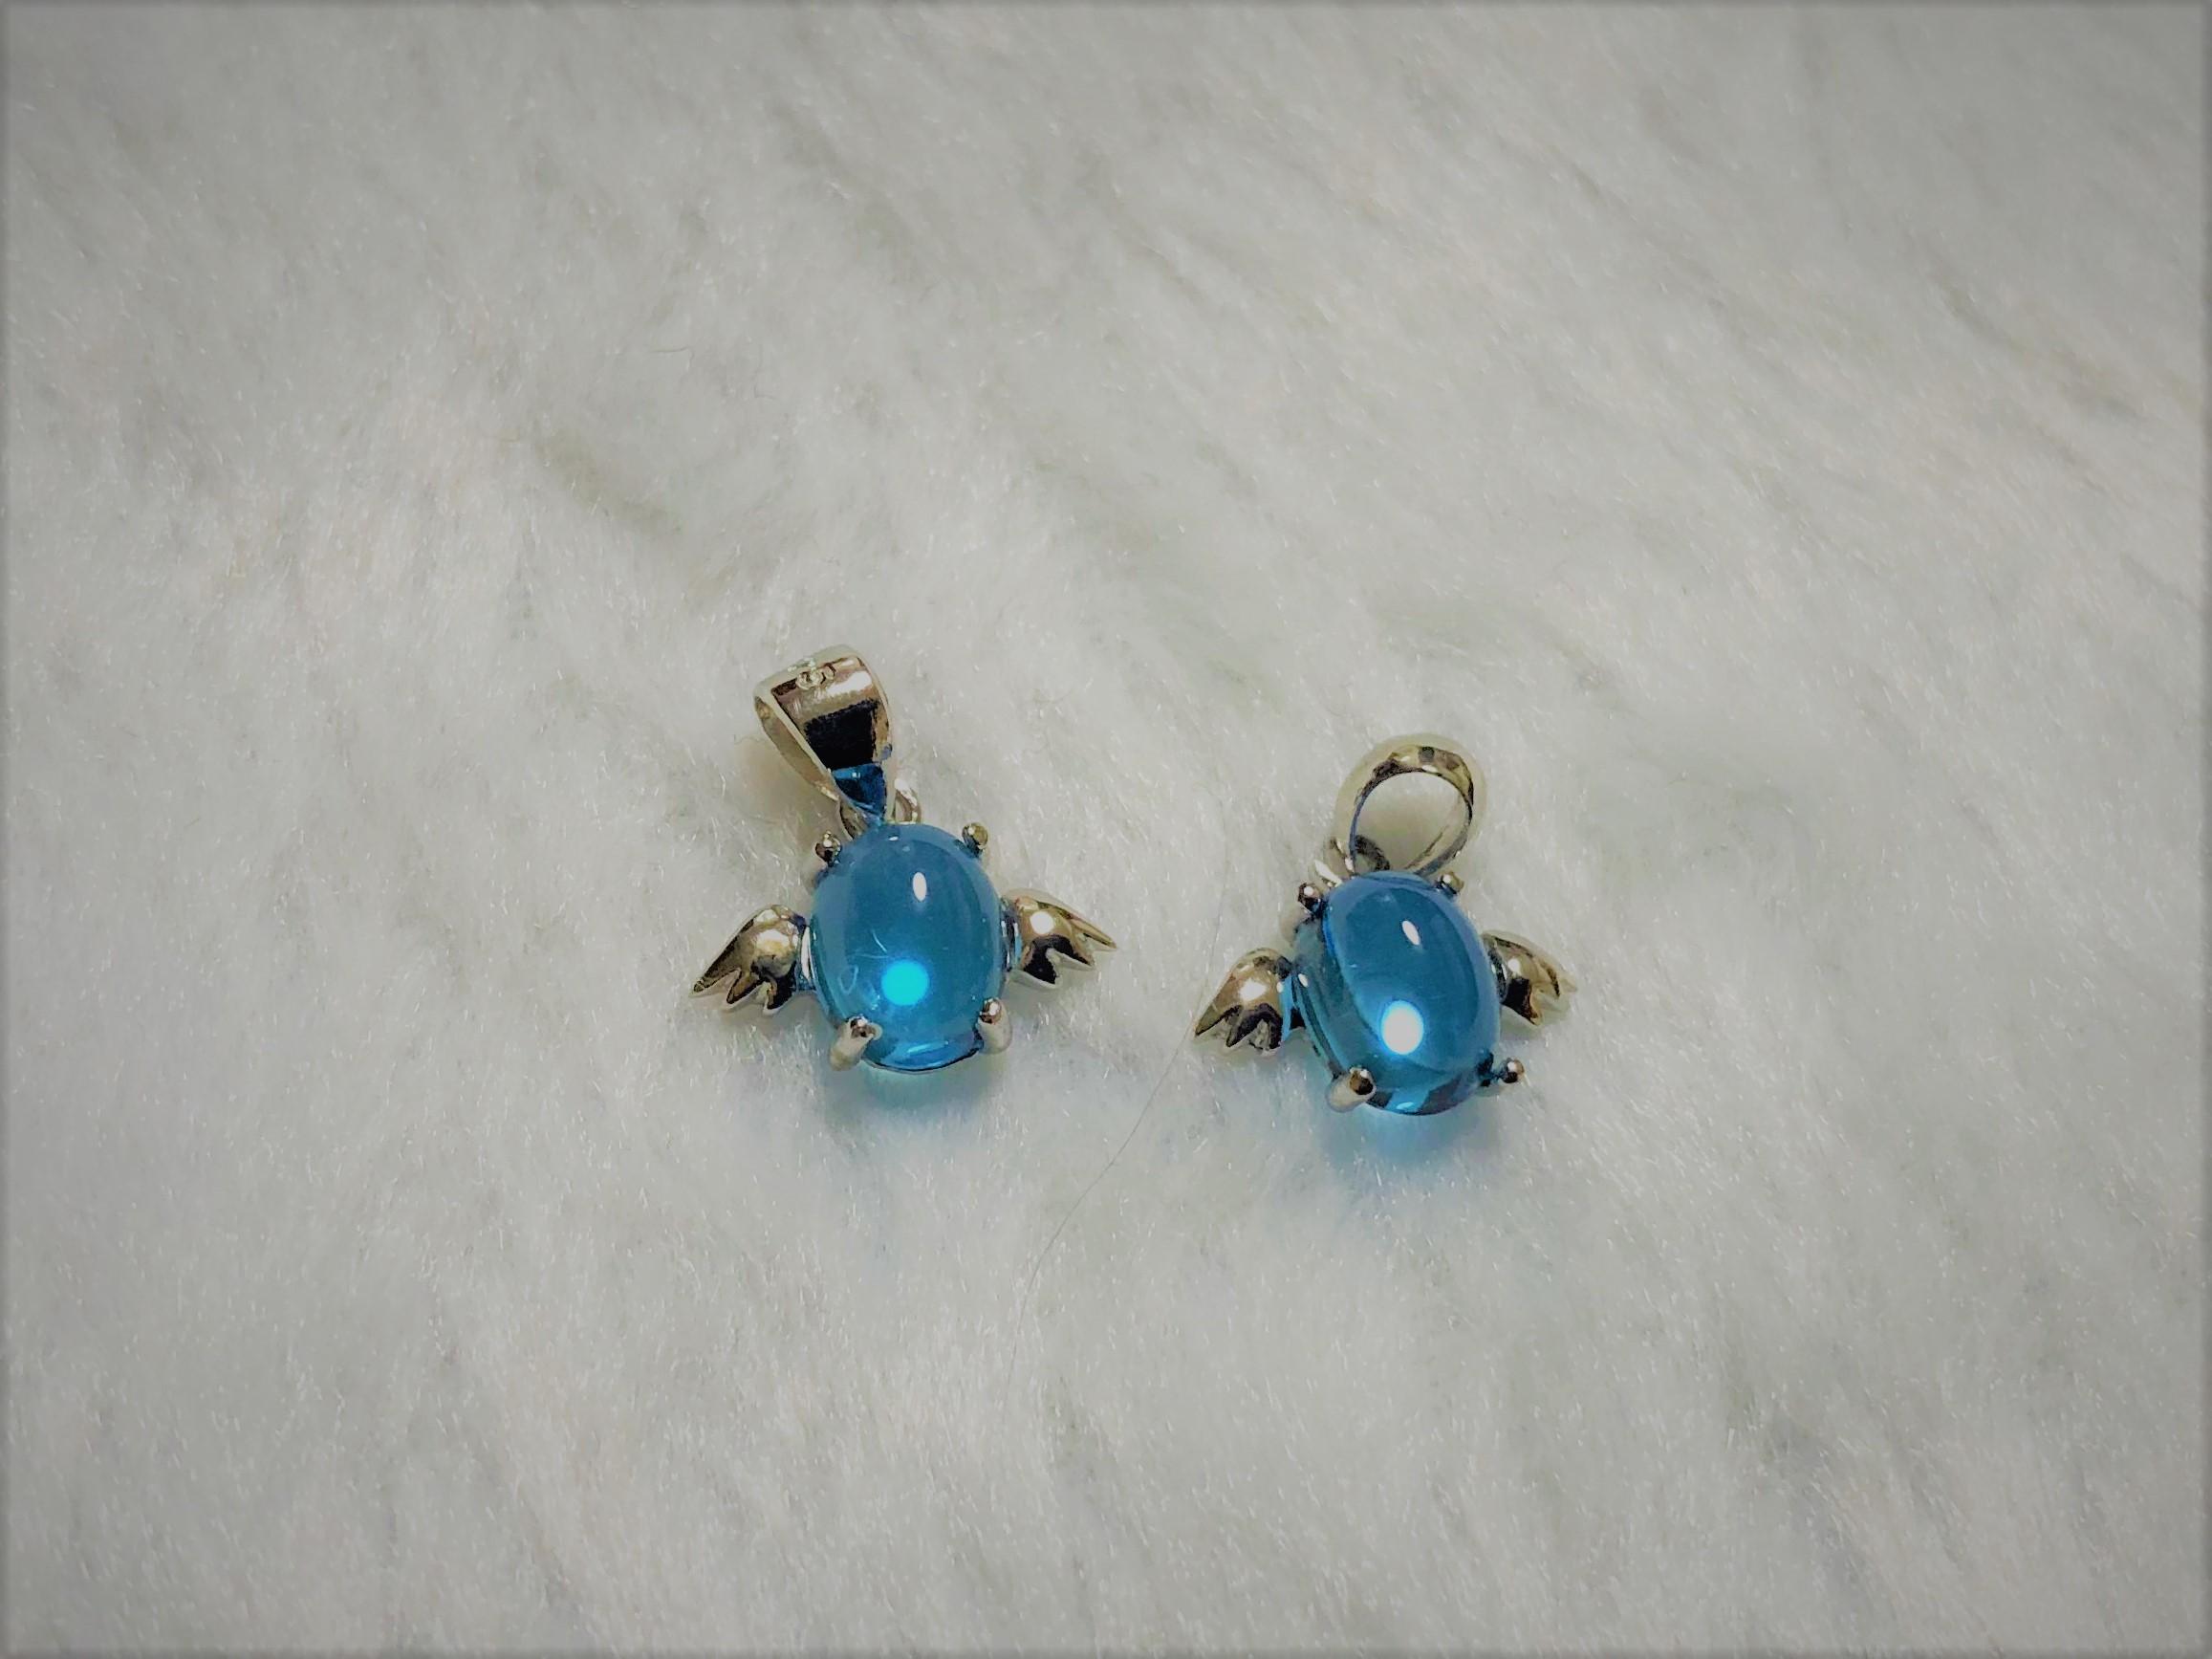 《パワーストーン》トパーズ天使のペンダントトップ~気品のあるブルーと可愛いフォルムのブルートパーズ~_b0298740_23275732.jpg